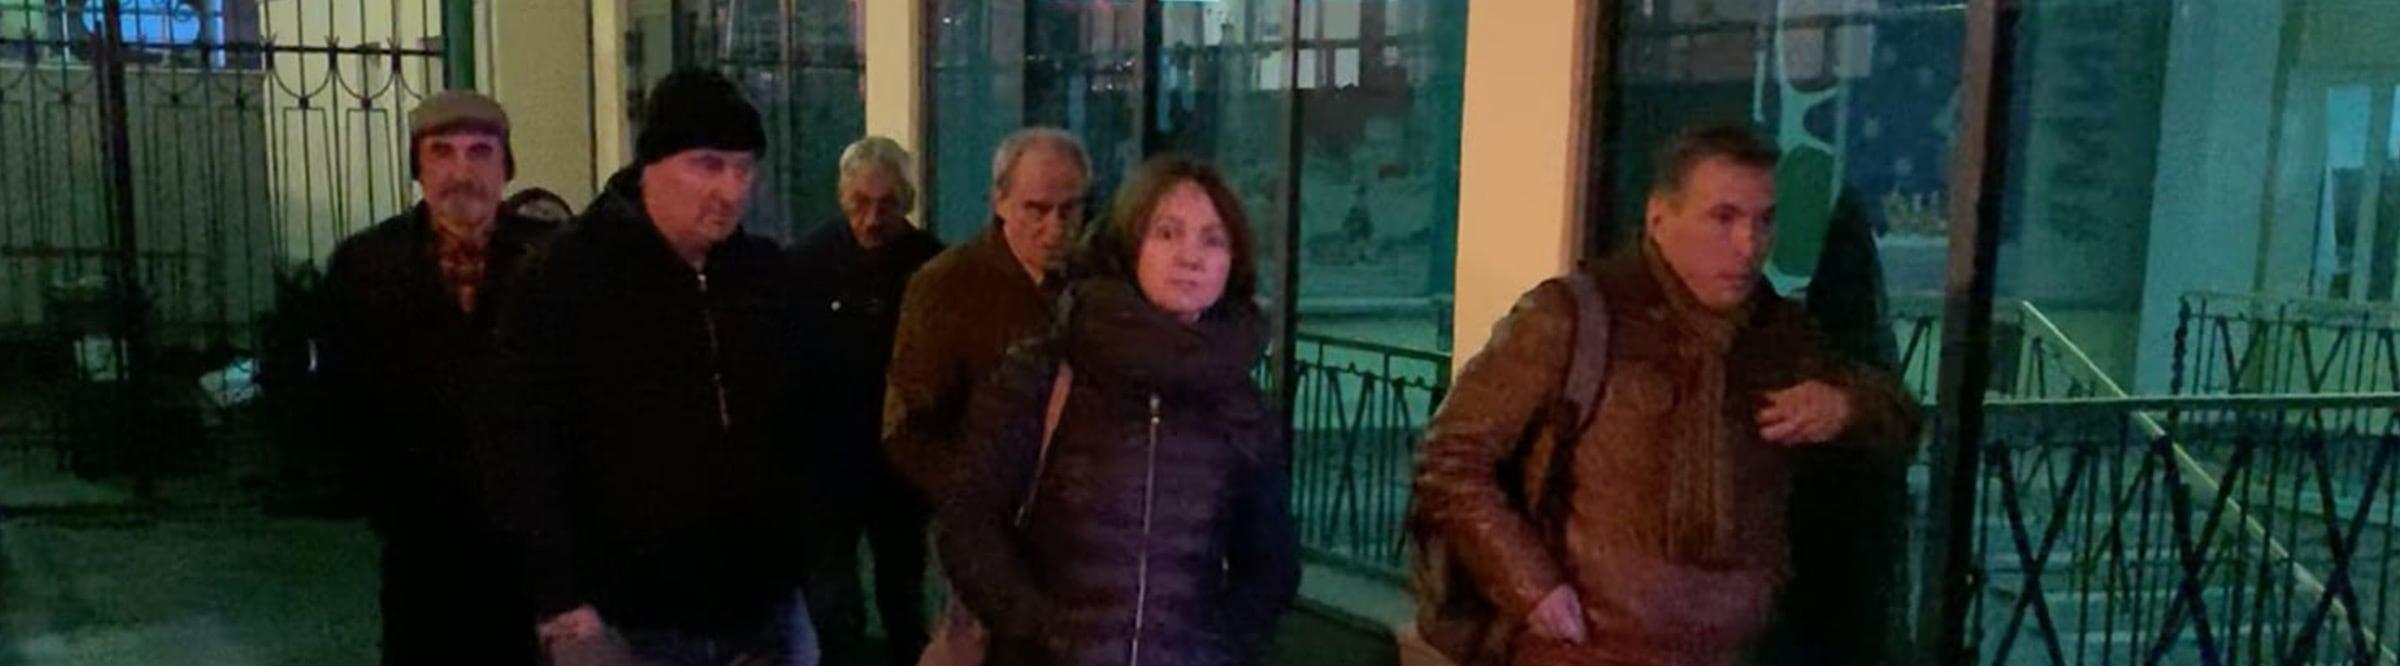 Музей истории Екатеринбурга – очередная база «иностранных агентов» на Урале